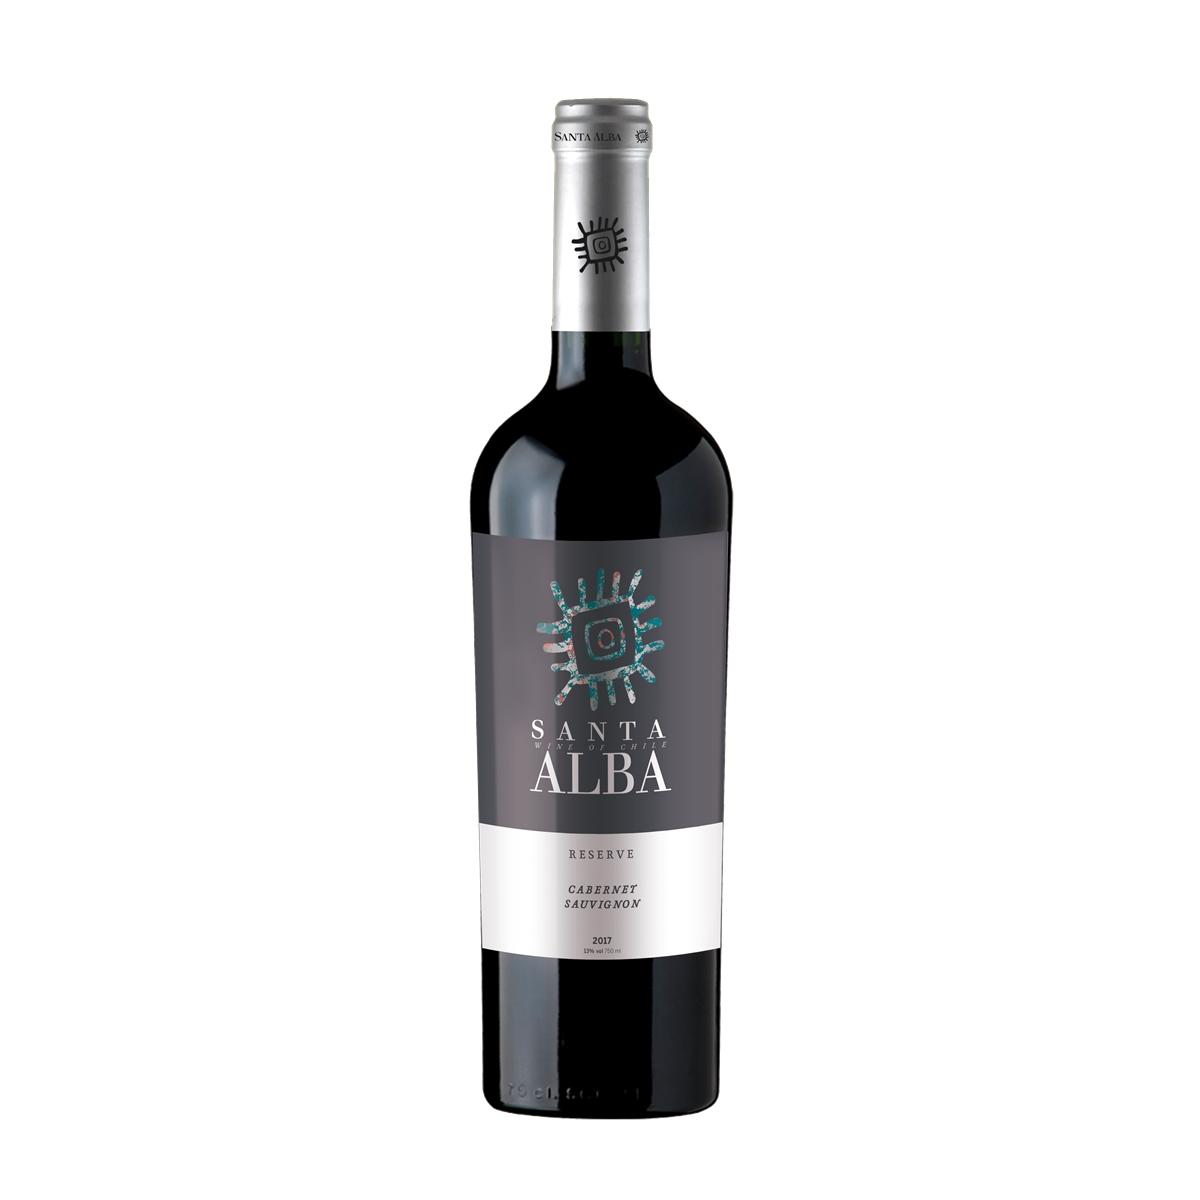 智利库里科谷香树酒庄圣塔赤霞珠珍藏干红葡萄酒